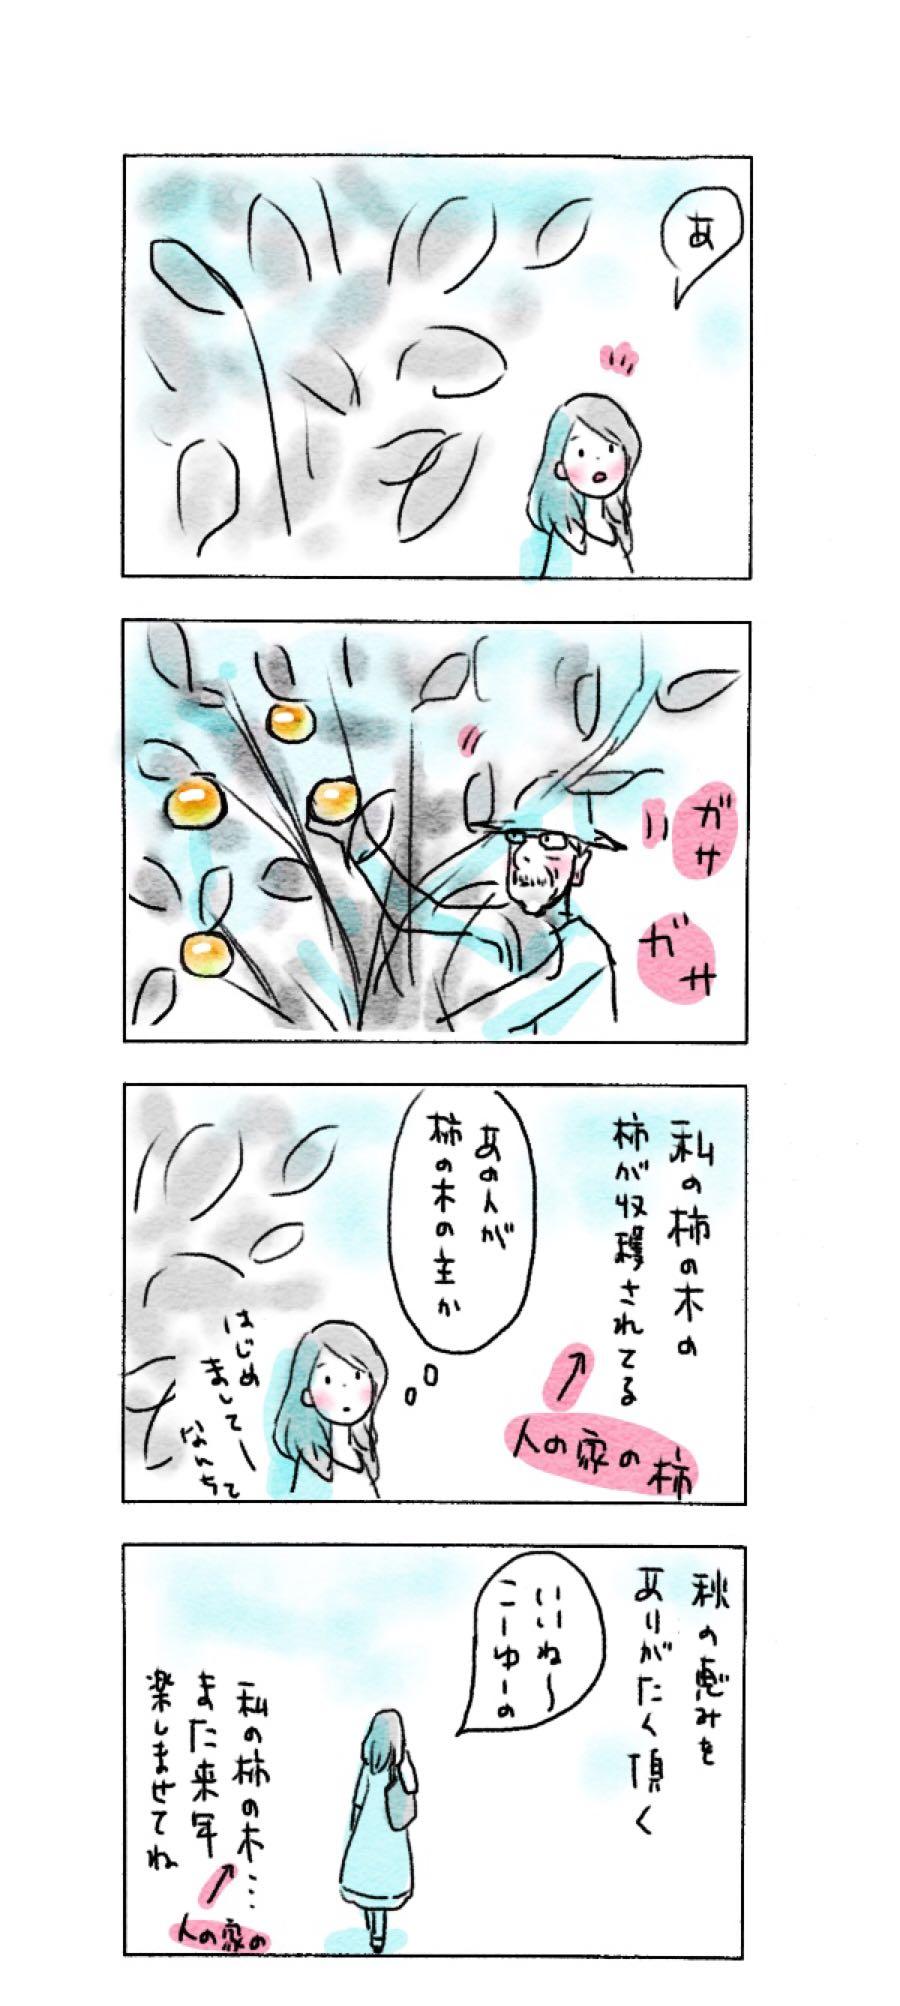 rblog-20181019183241-00.jpg